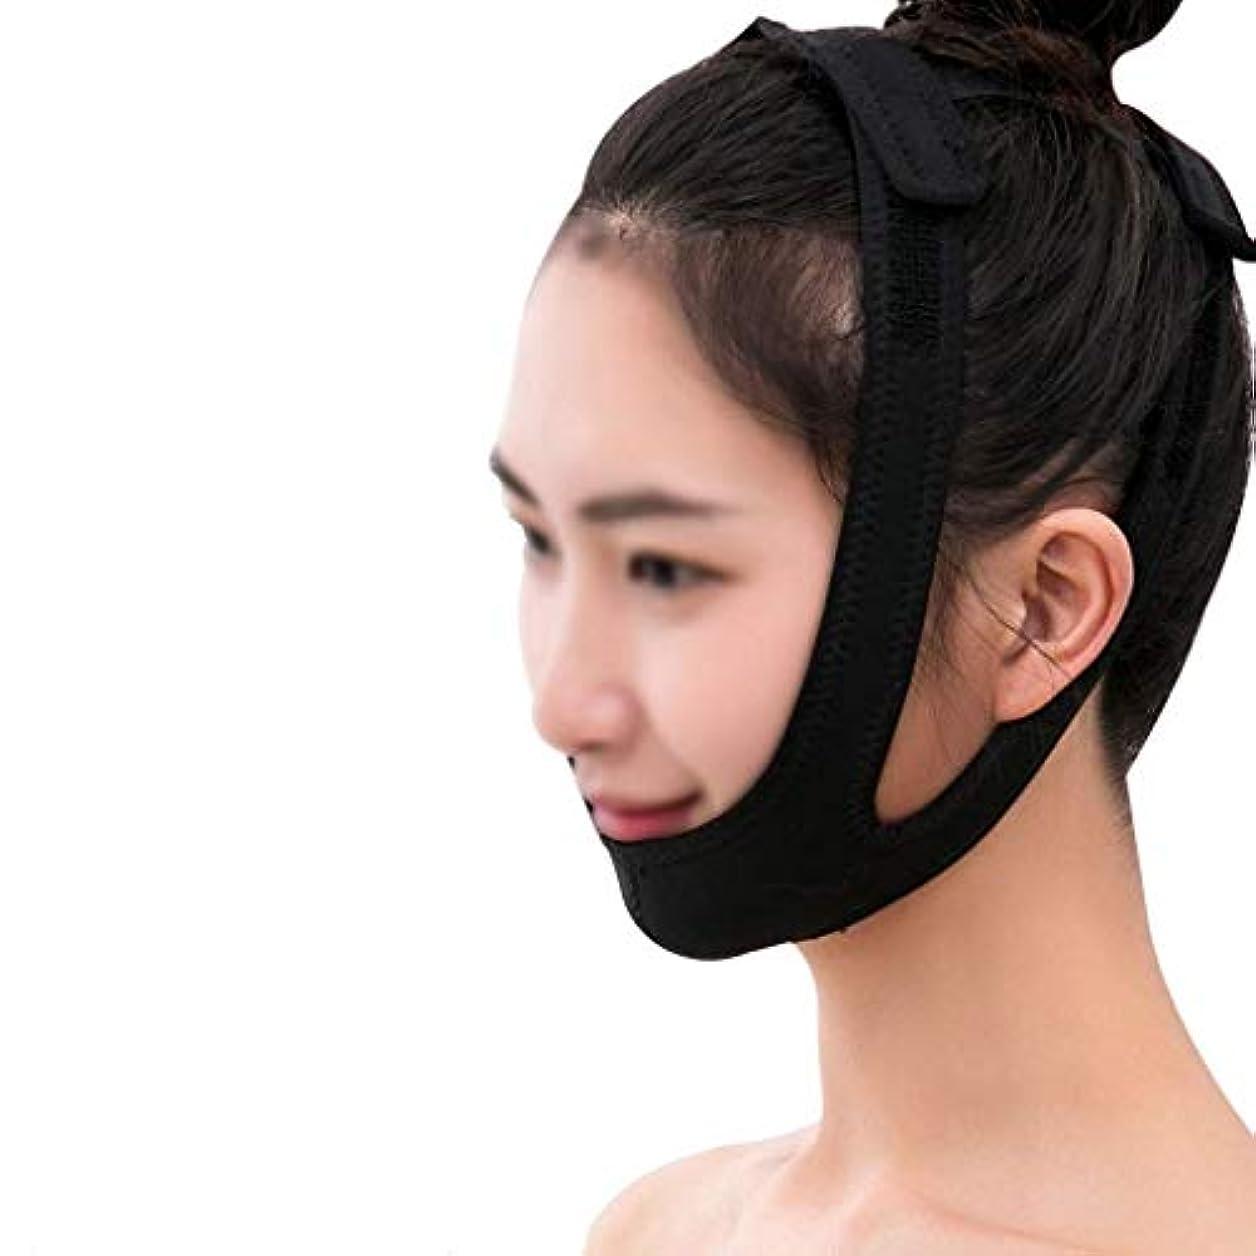 ラフトモードリン外側フェイスリフティング包帯、術後の顔の回復包帯リフティングスキンアーティファクトアンチシワ薄い二重あご包帯